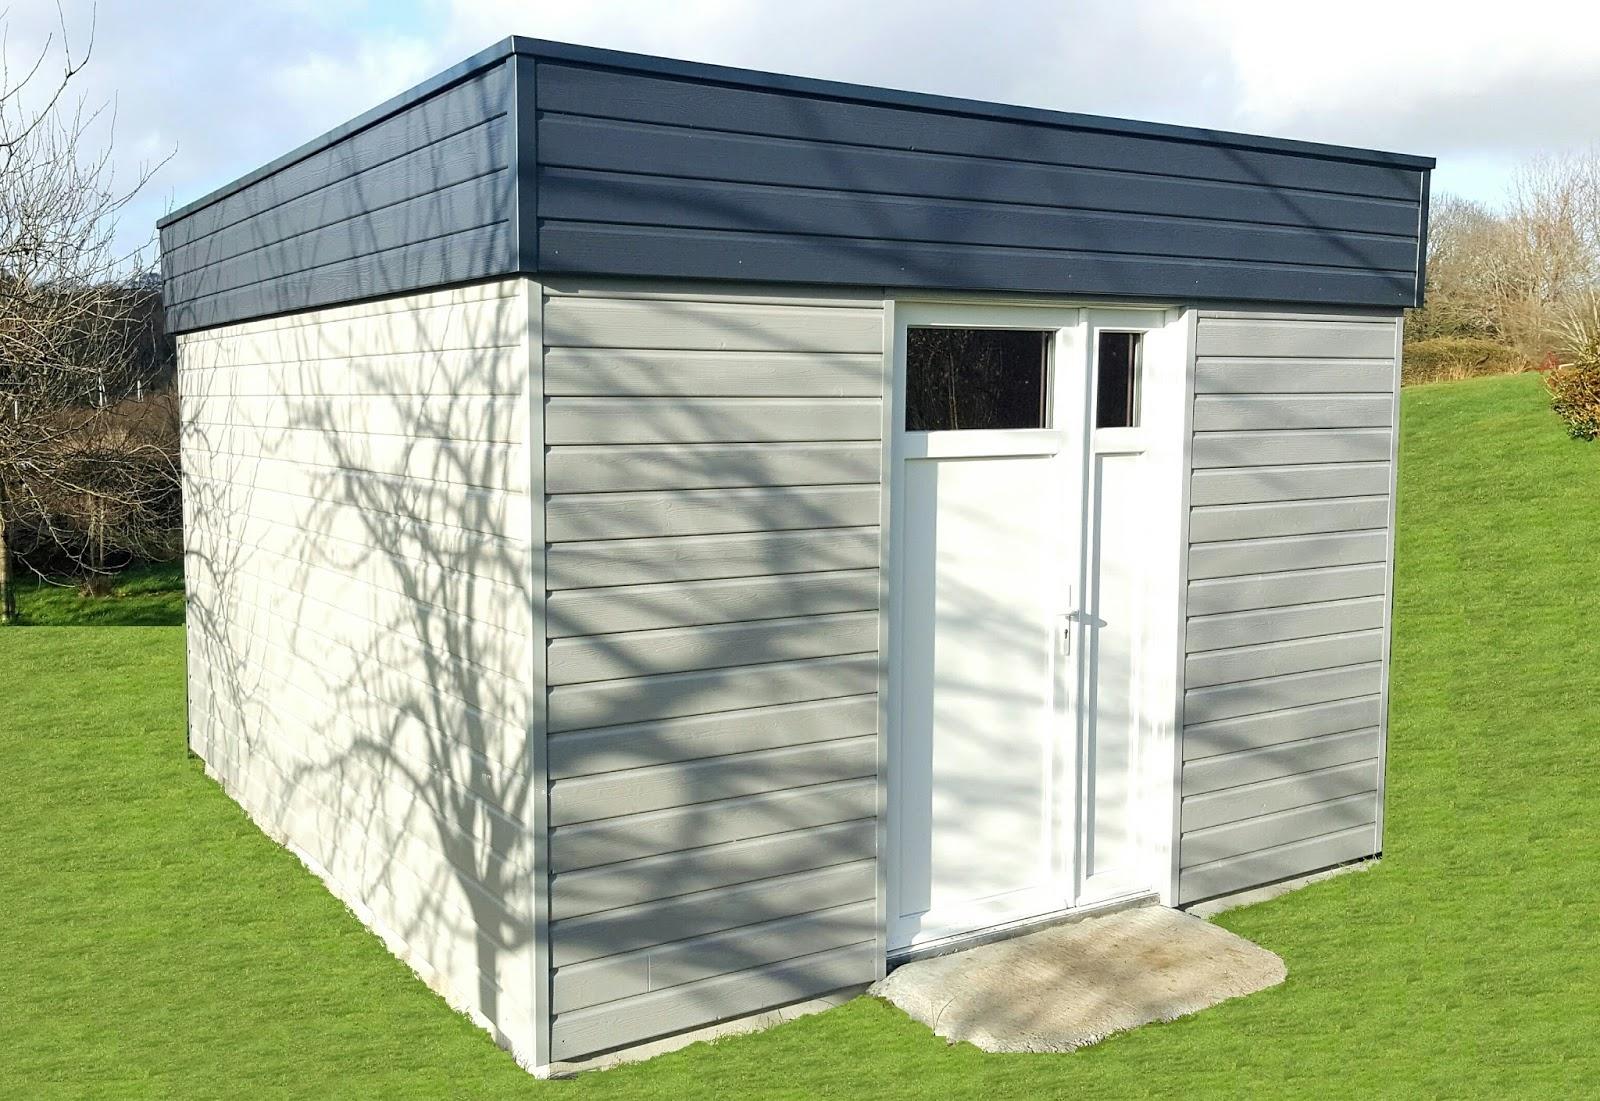 carport toit plat bac acier abris en kit with carport toit plat bac acier interesting nouveau. Black Bedroom Furniture Sets. Home Design Ideas